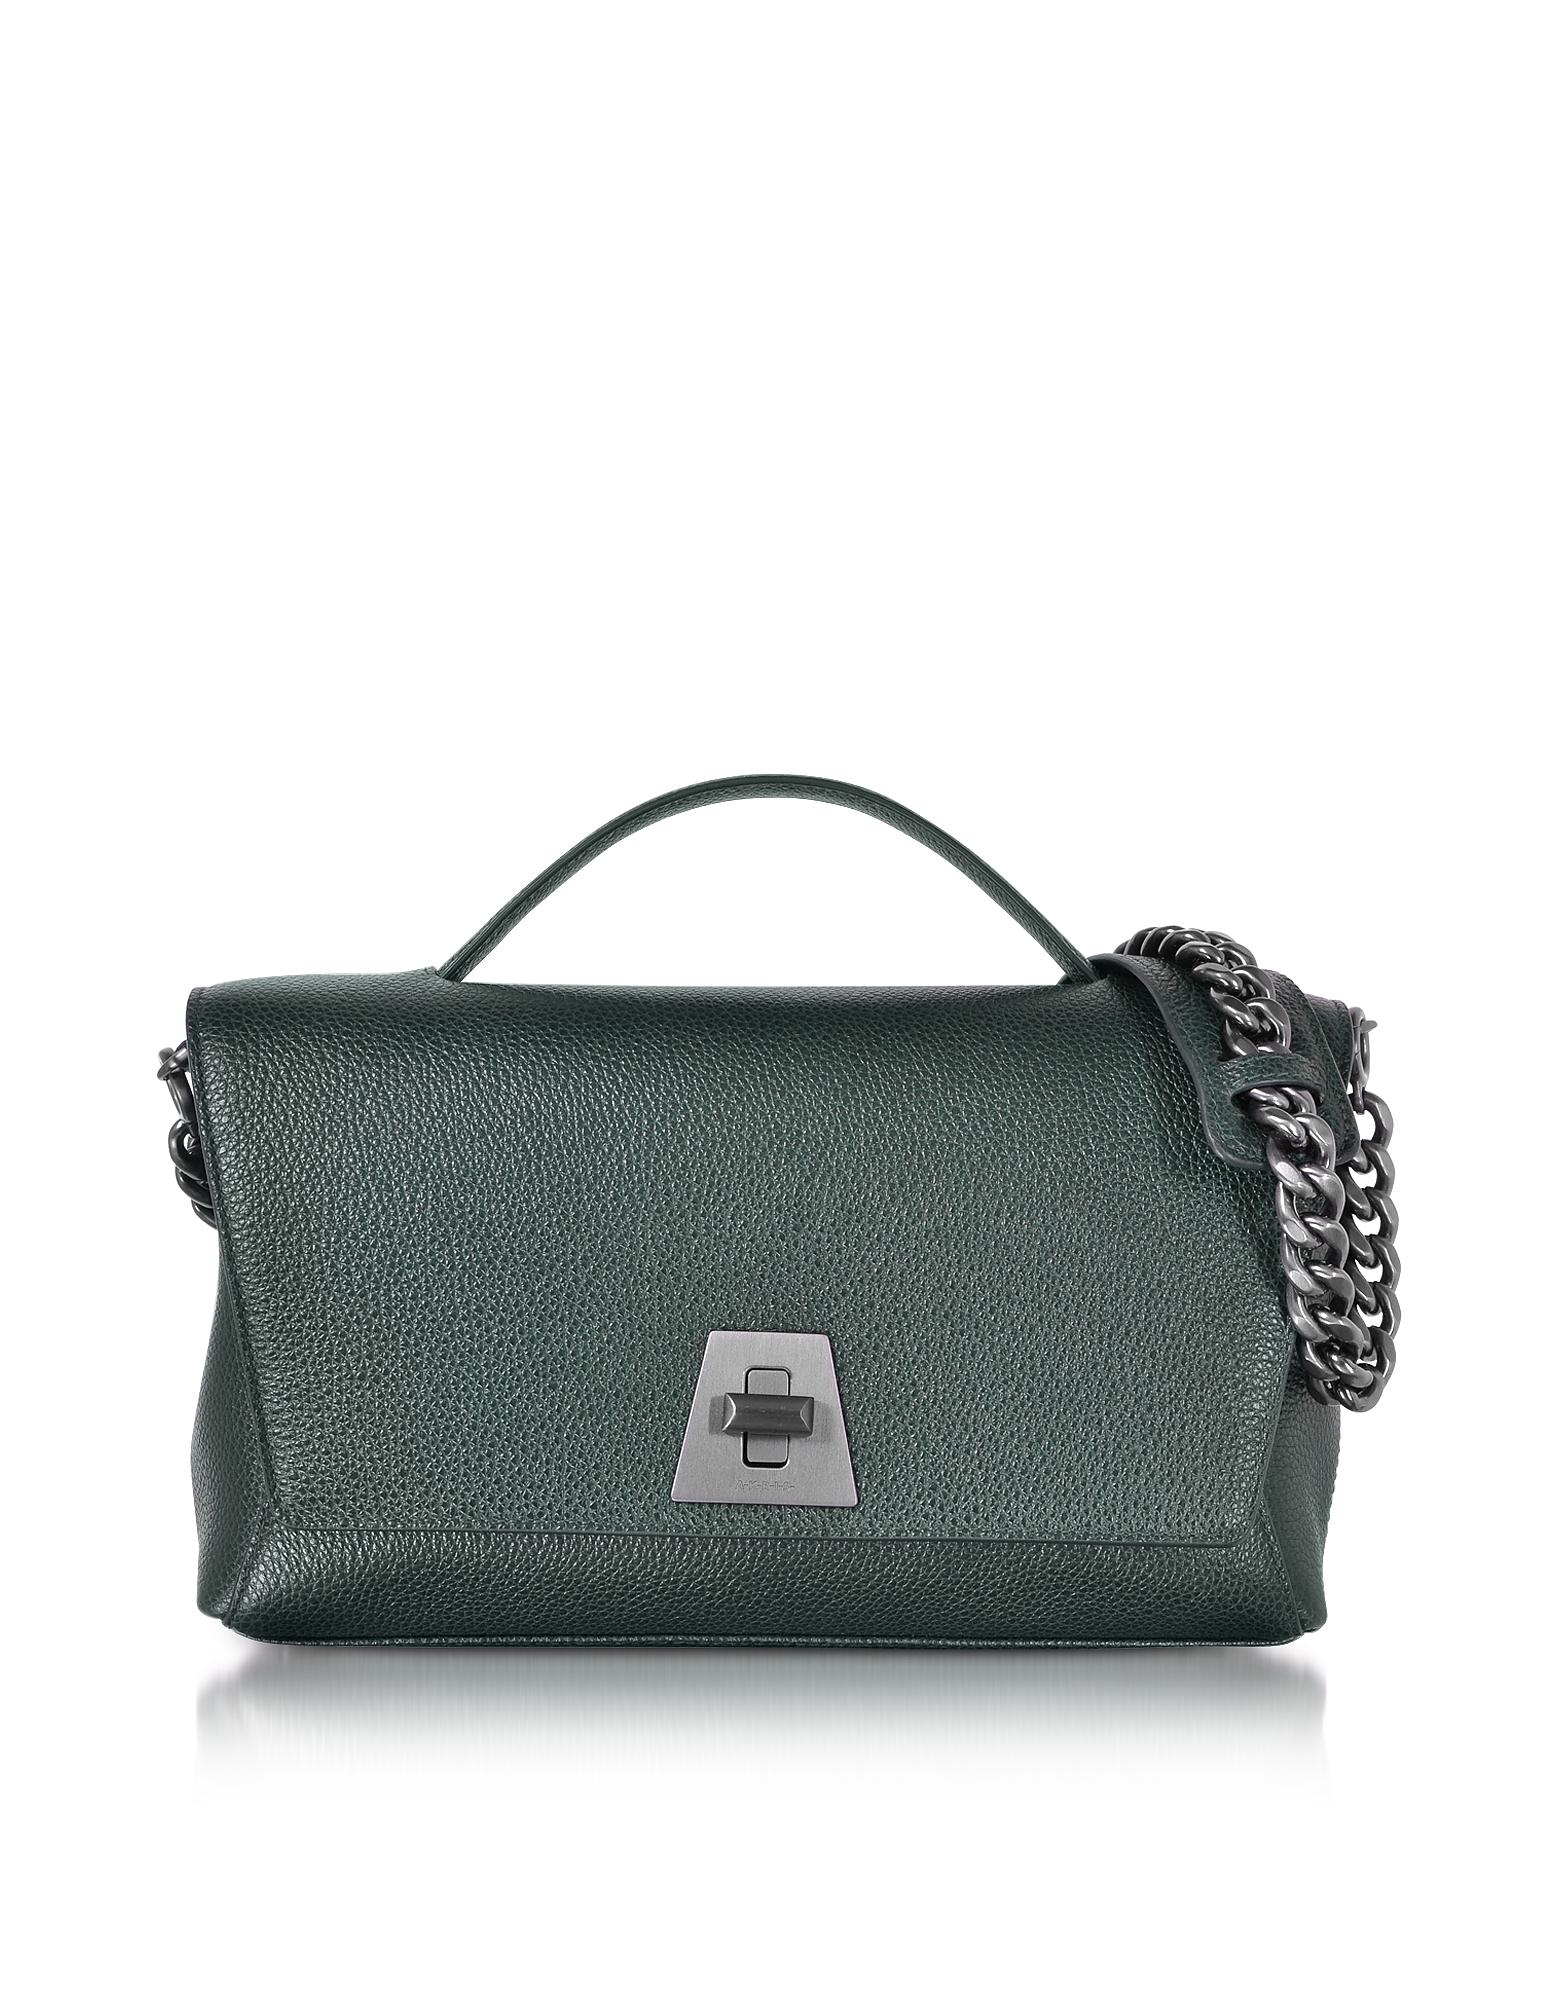 Фото Cervocalf Anouk Day Bag - Темно-зеленая Сумка со Съемным Ремешком на Плечо. Купить с доставкой